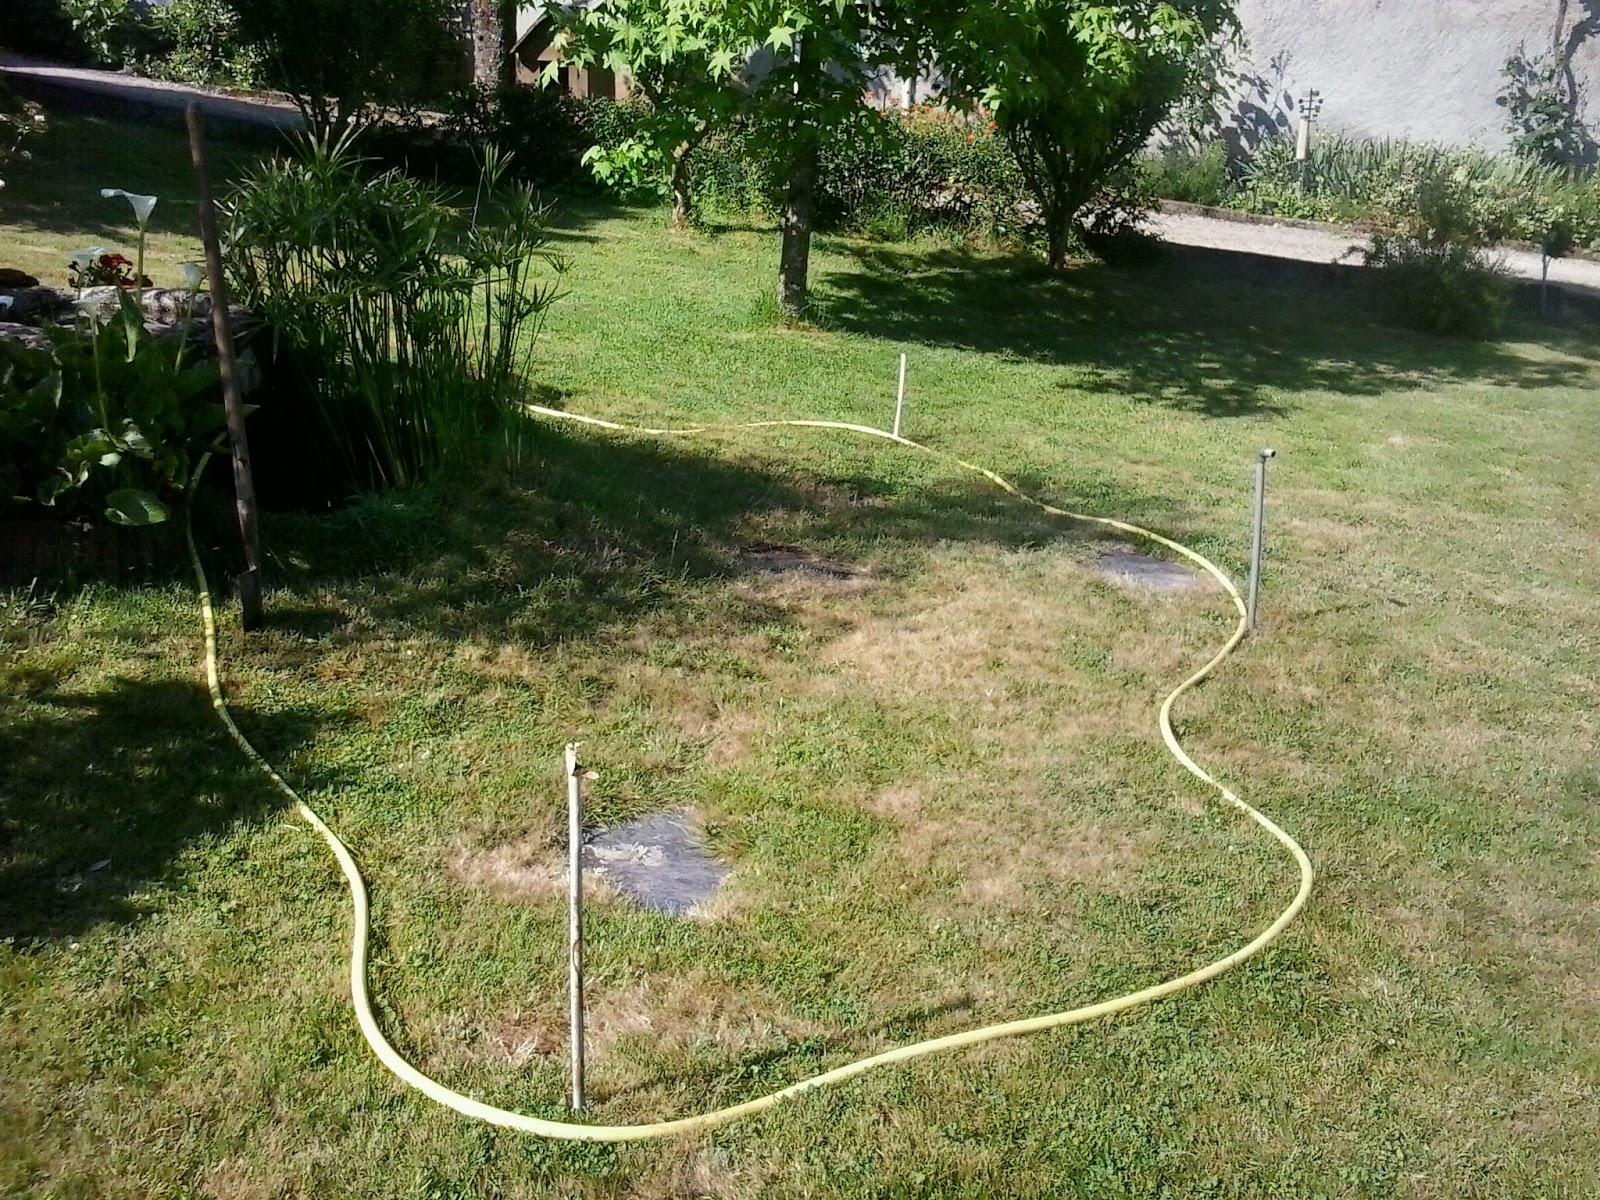 Amoxetar construcci n de un estanque en el jard n for Construccion de estanques acuicolas